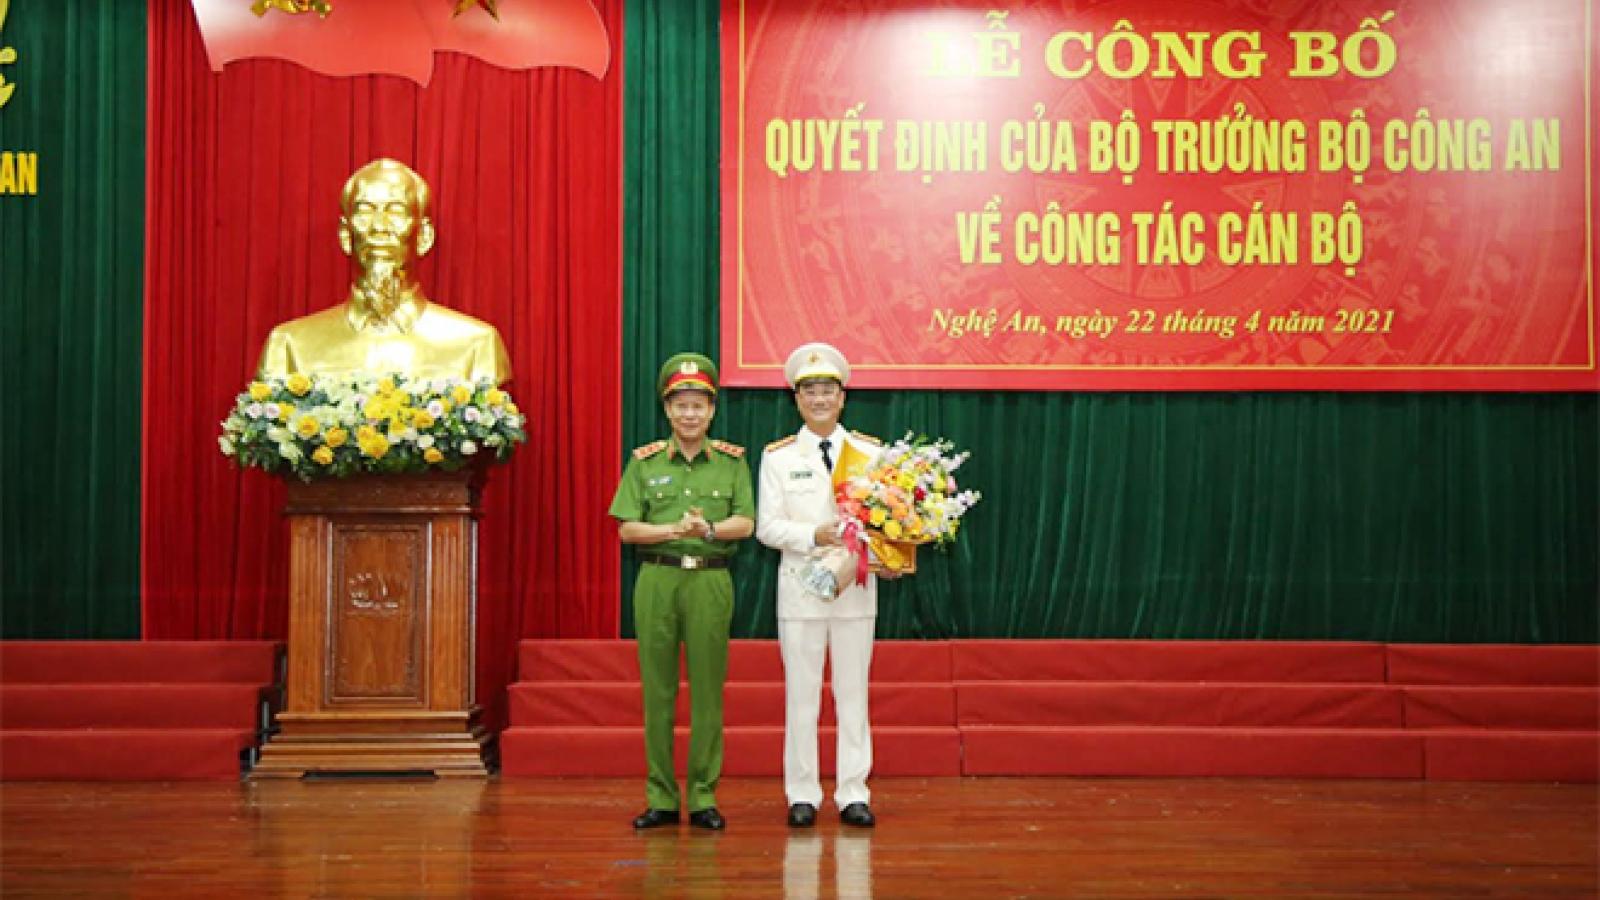 Giám đốc Công an tỉnh Bắc Ninh được điều động làm Giám đốc Công an tỉnh Nghệ An